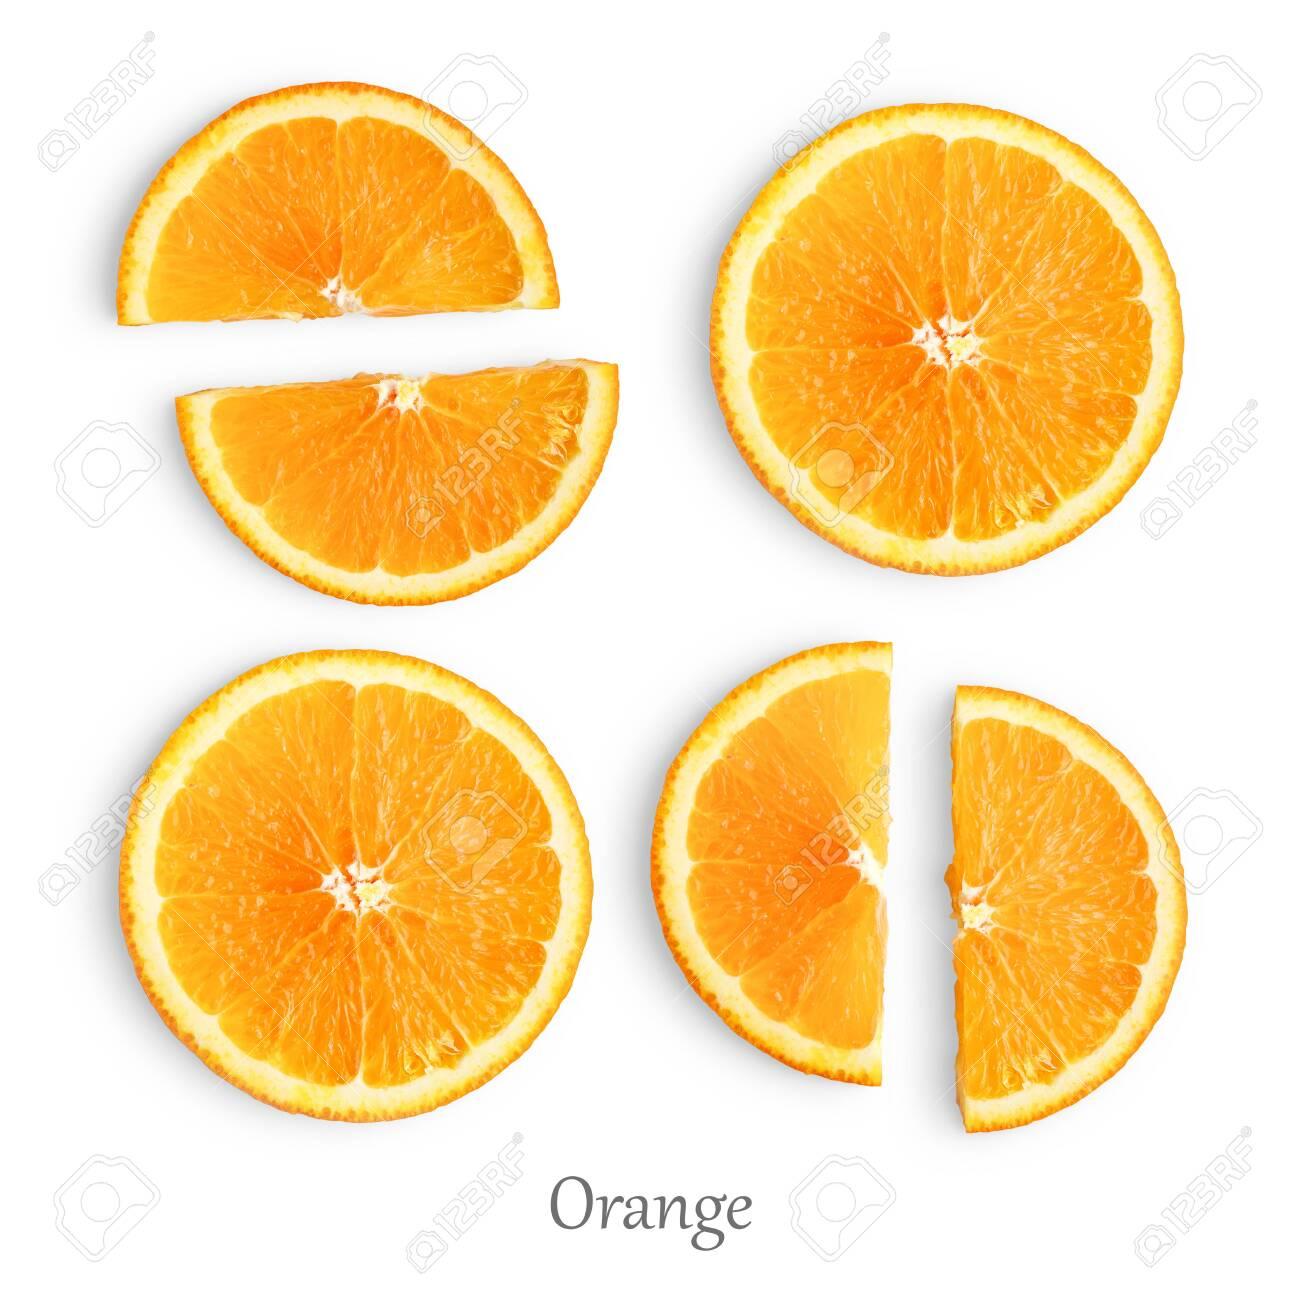 Orange slices isolated on white background - 123934944